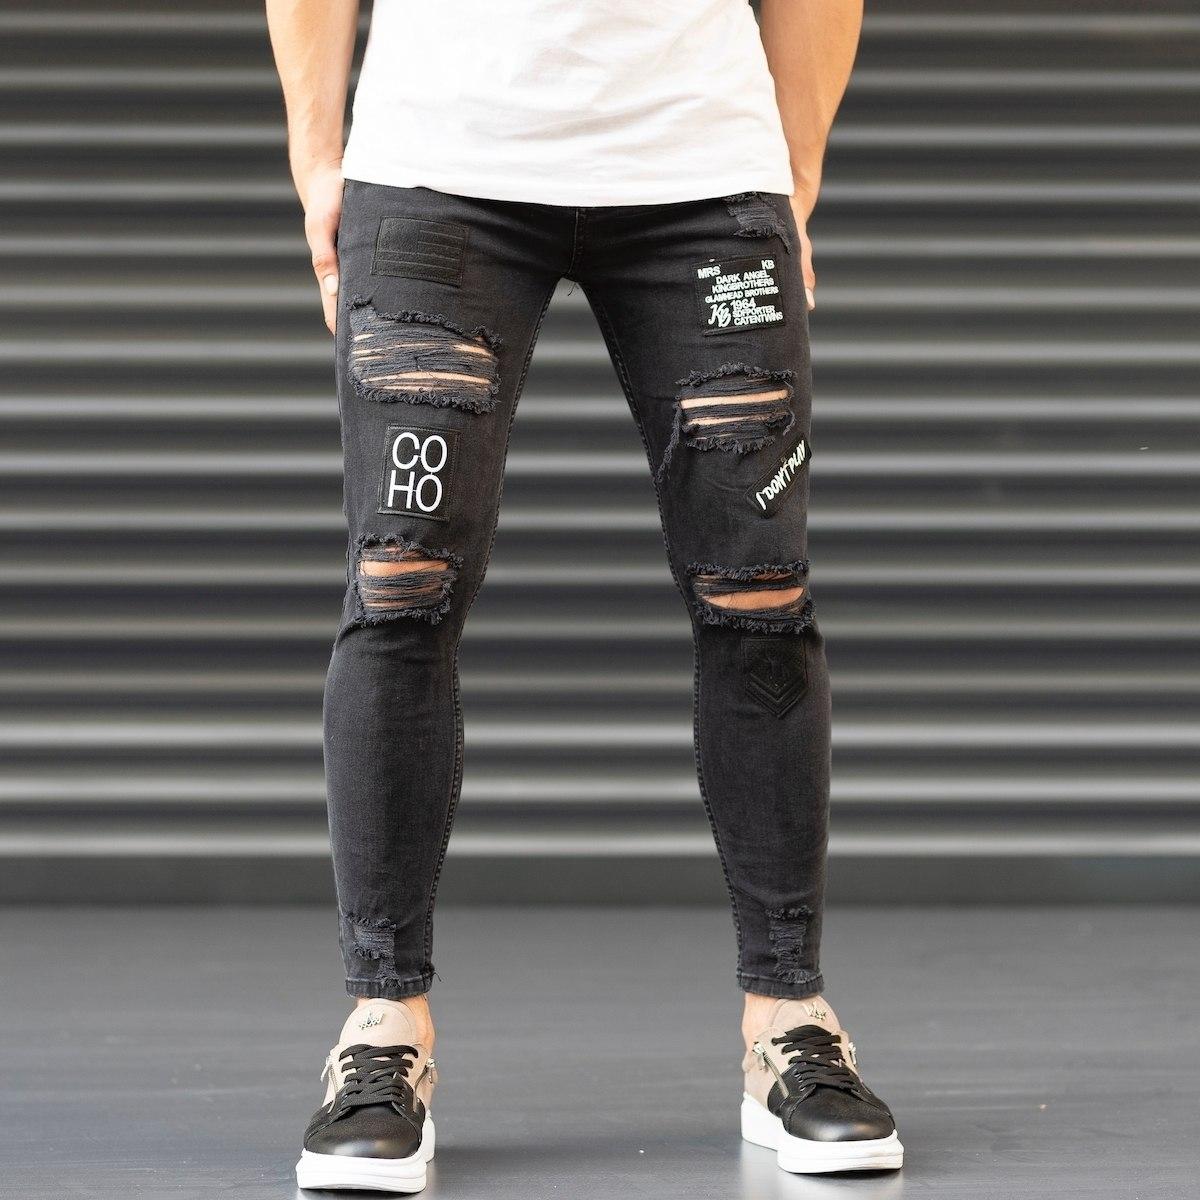 Men's Coho Patchwork Jeans...